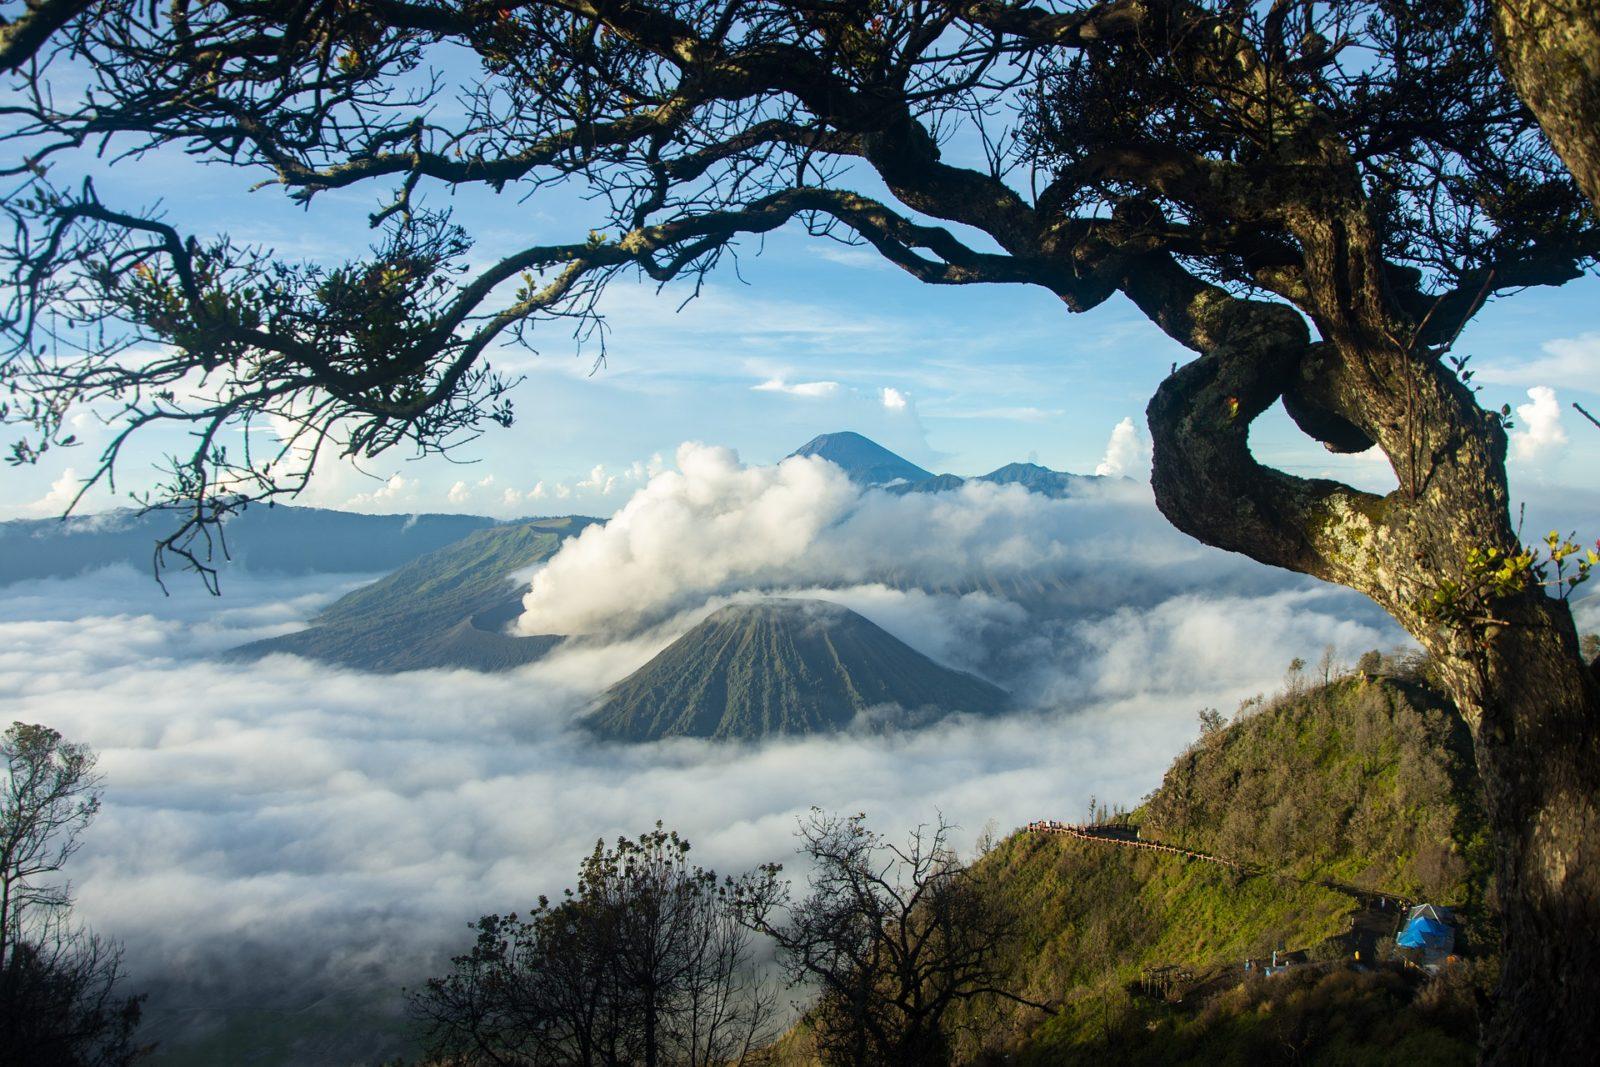 Вулкан Бромо, Климат в Индонезии